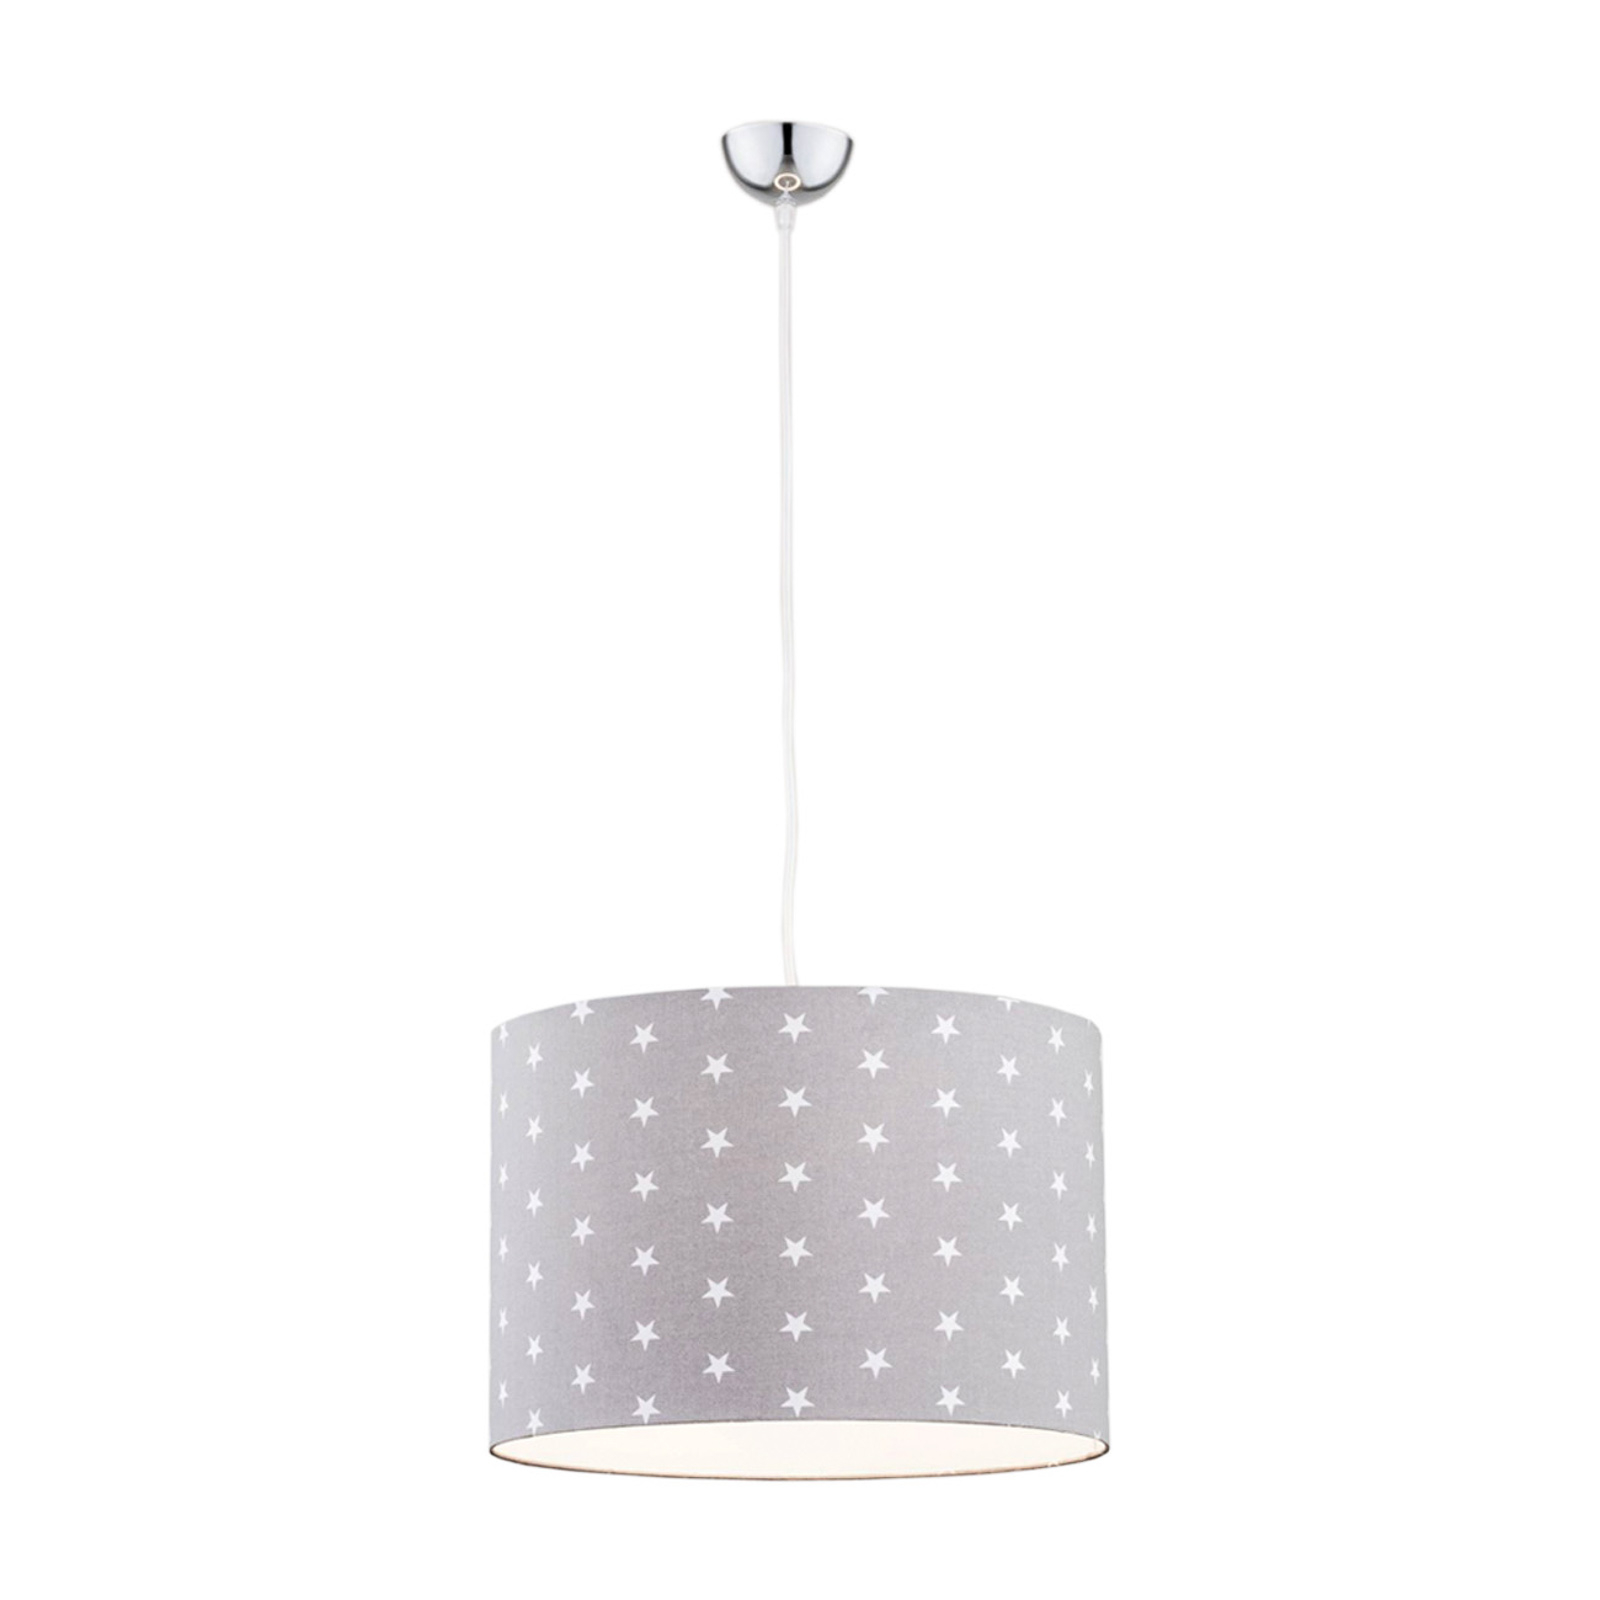 Moa hængelampe, grå stofskærm/hvide stjerner